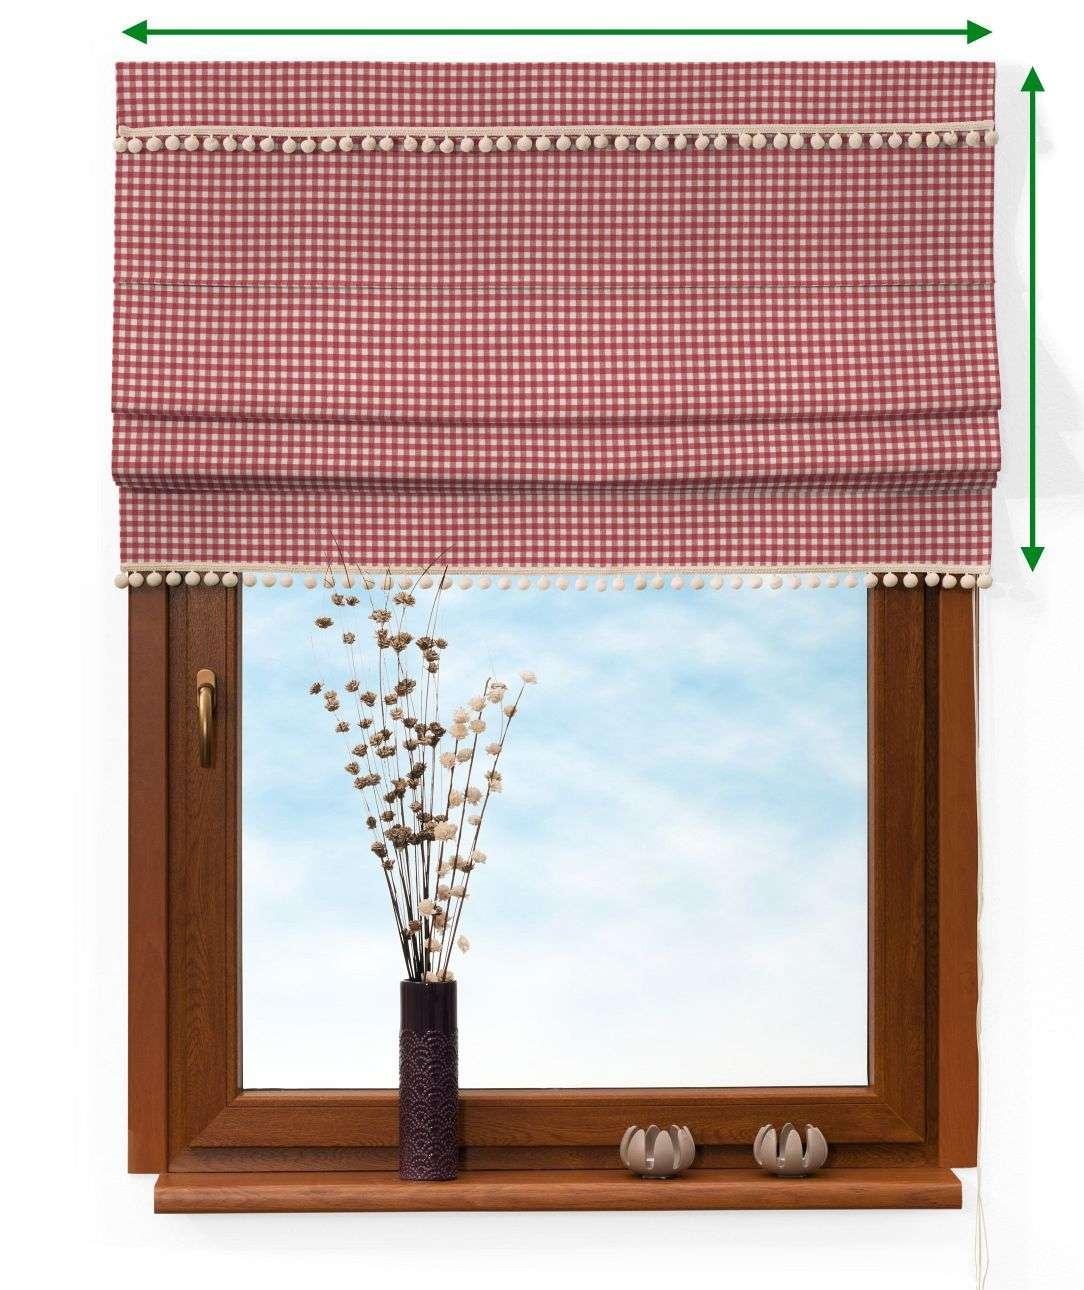 Vouwgordijn met pompons van de collectie Quadro, Stof: 136-15